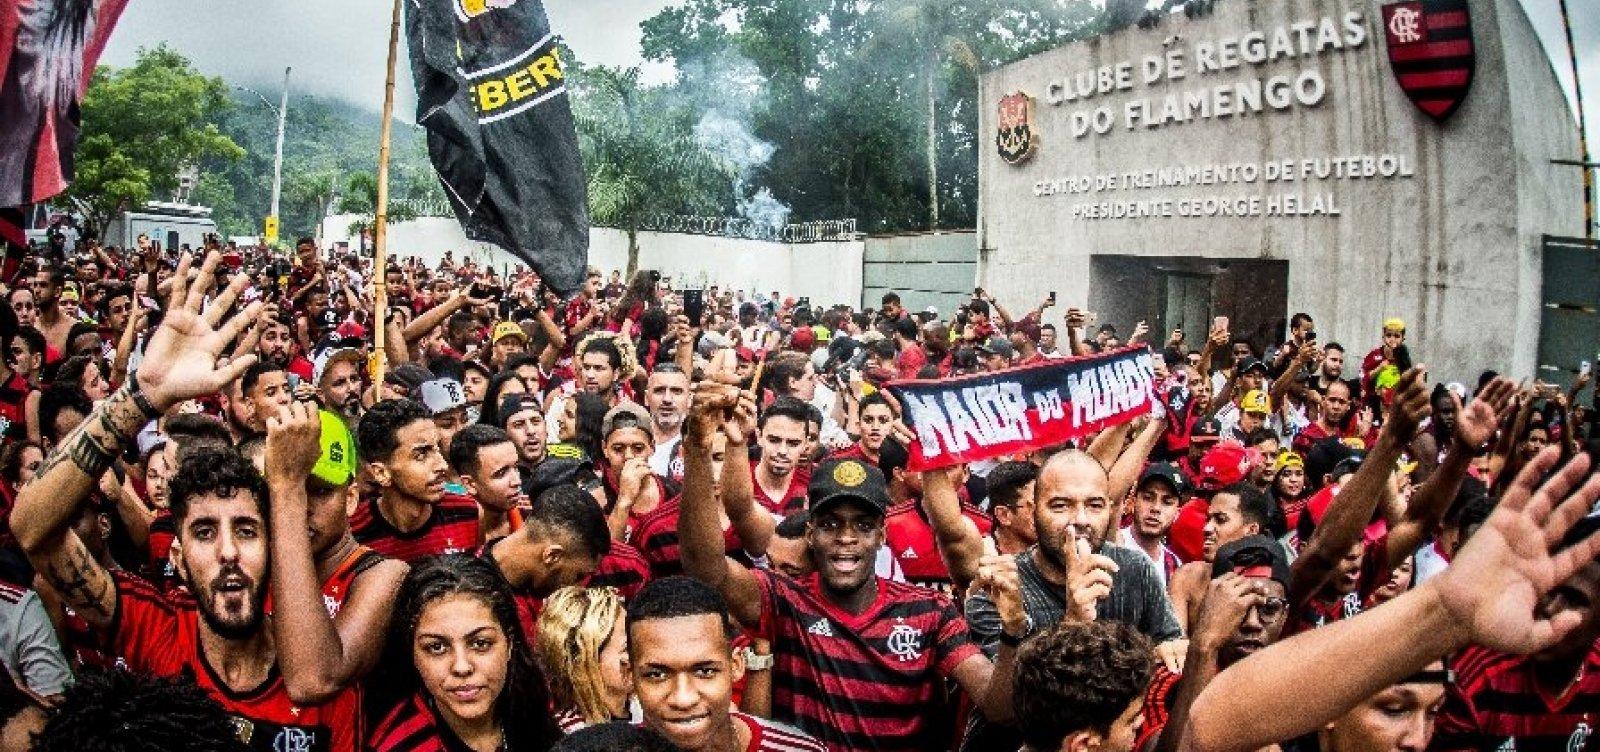 Flamengo e River Plate disputam final da Libertadores neste sábado